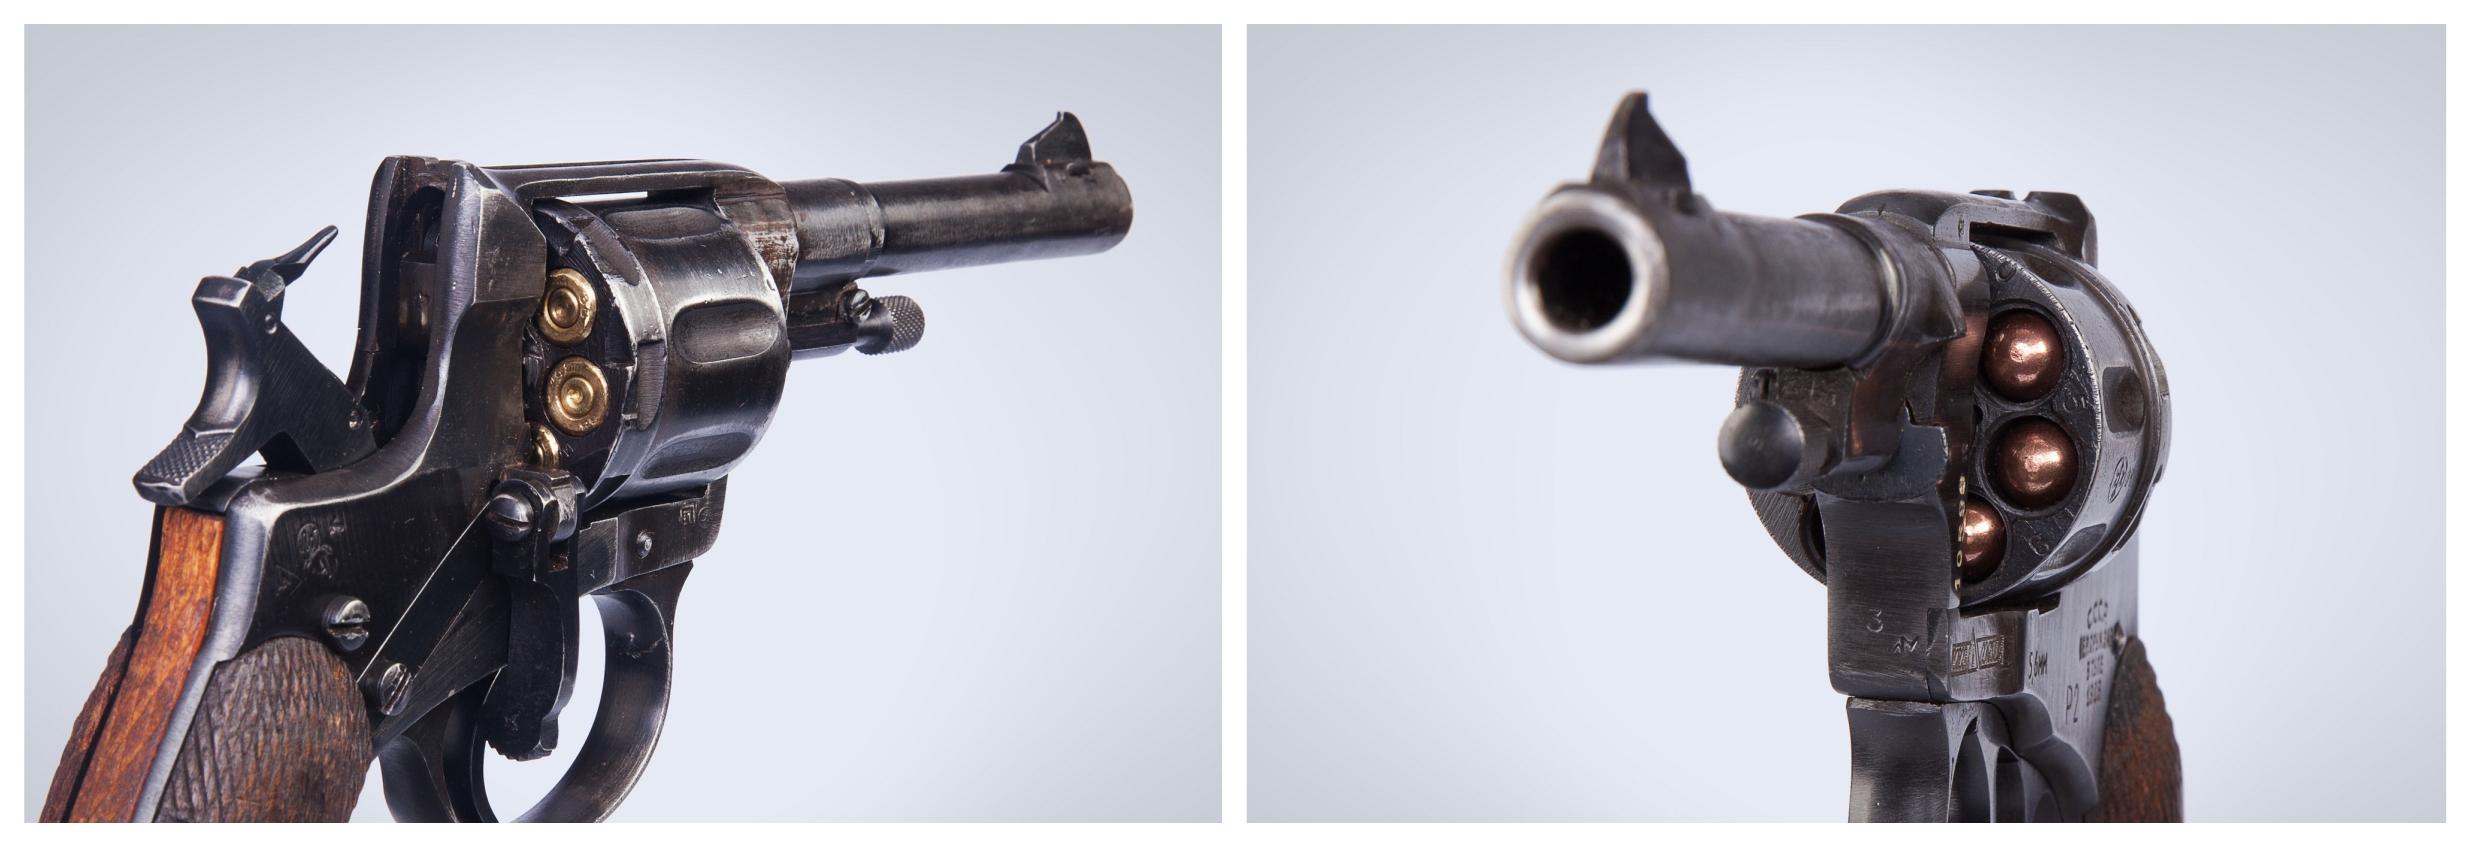 Nagant M1895.